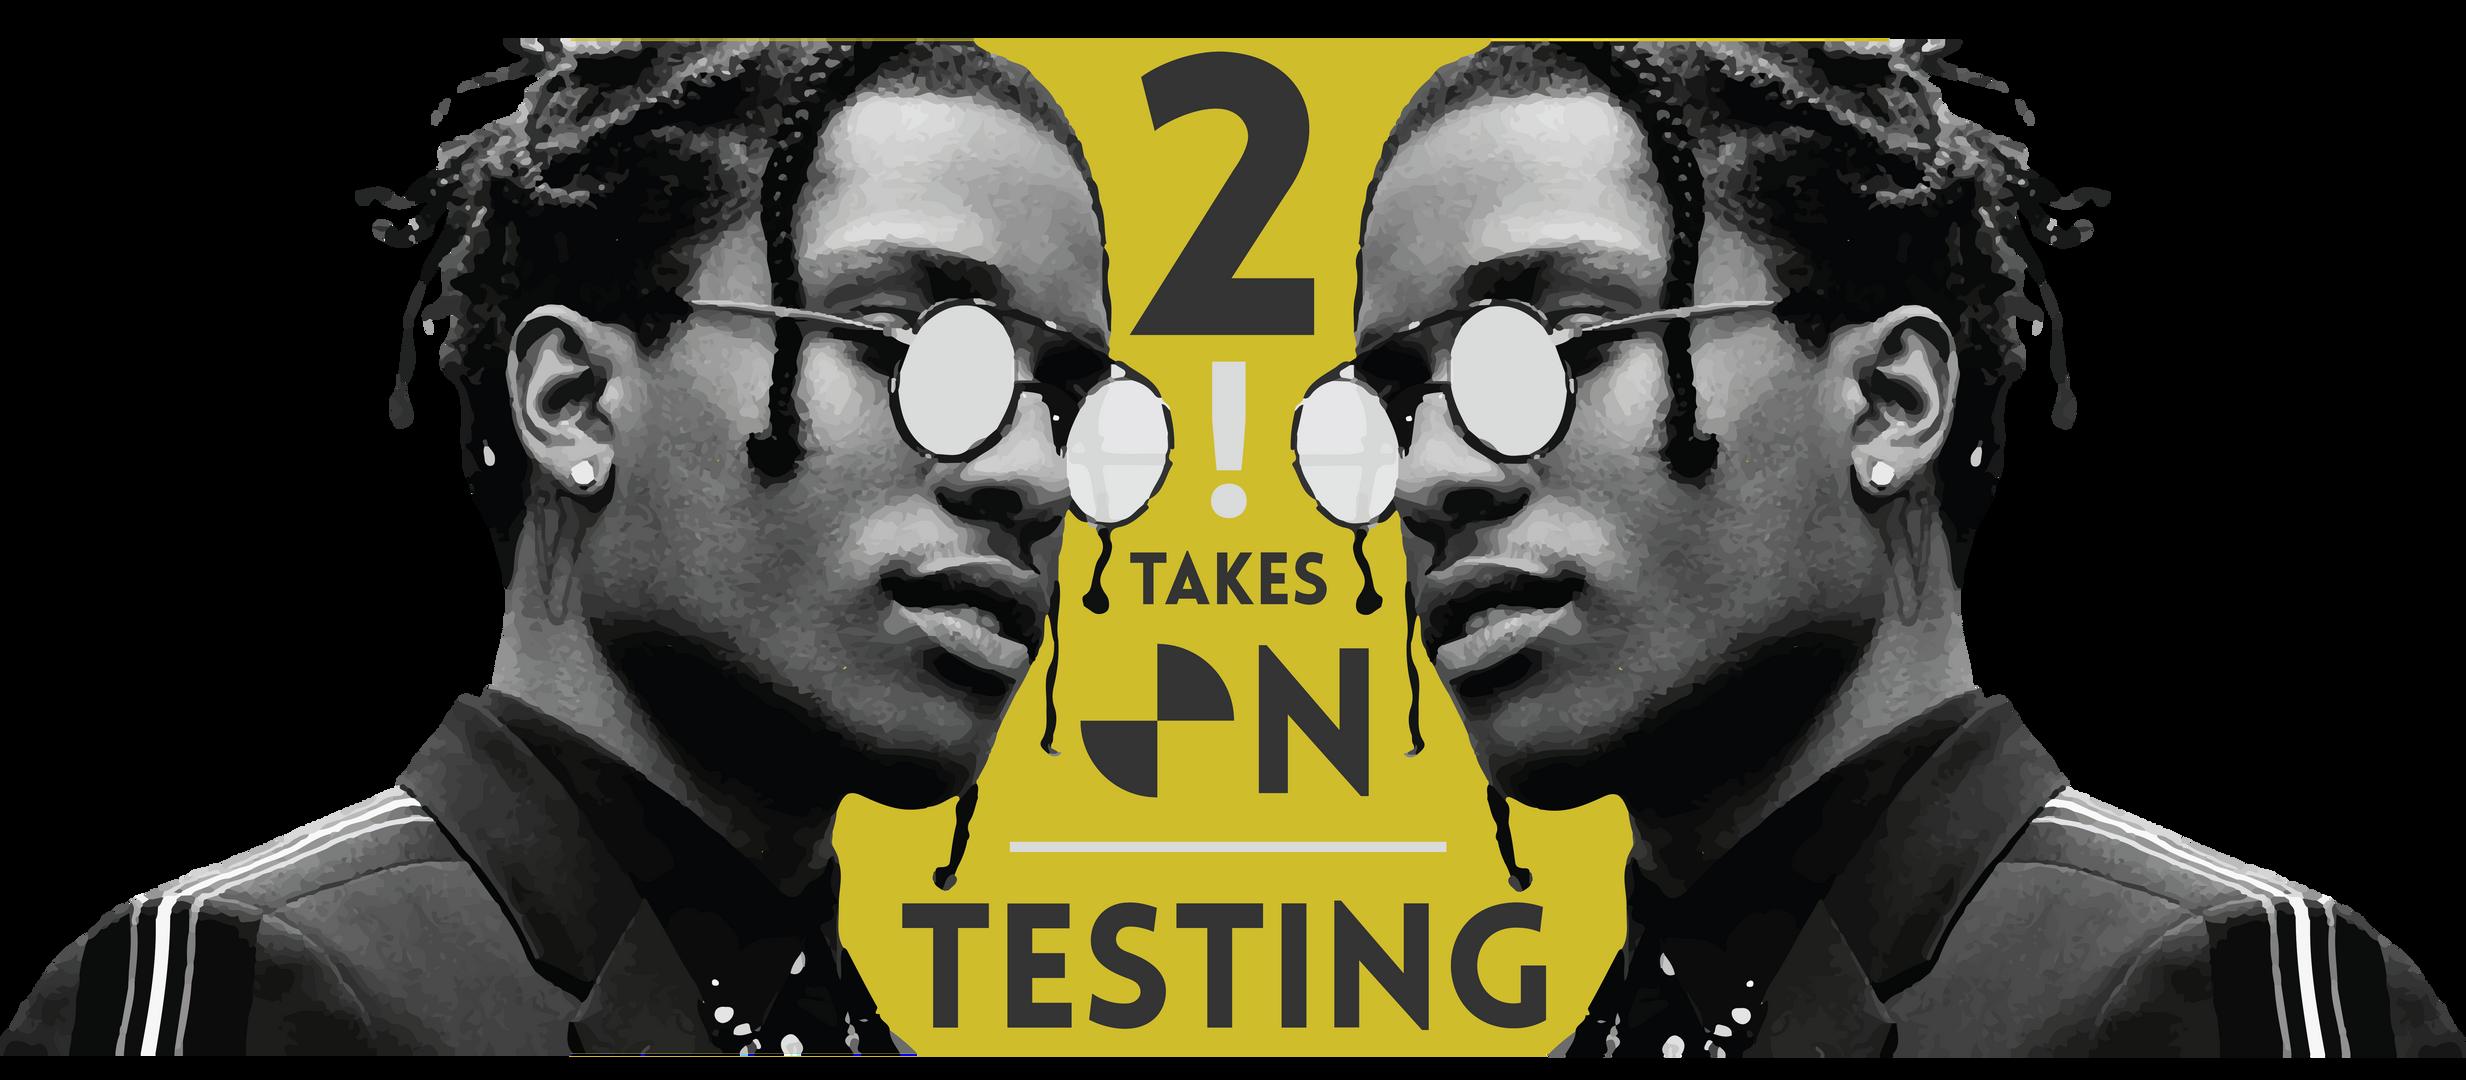 2 Takes on Testing